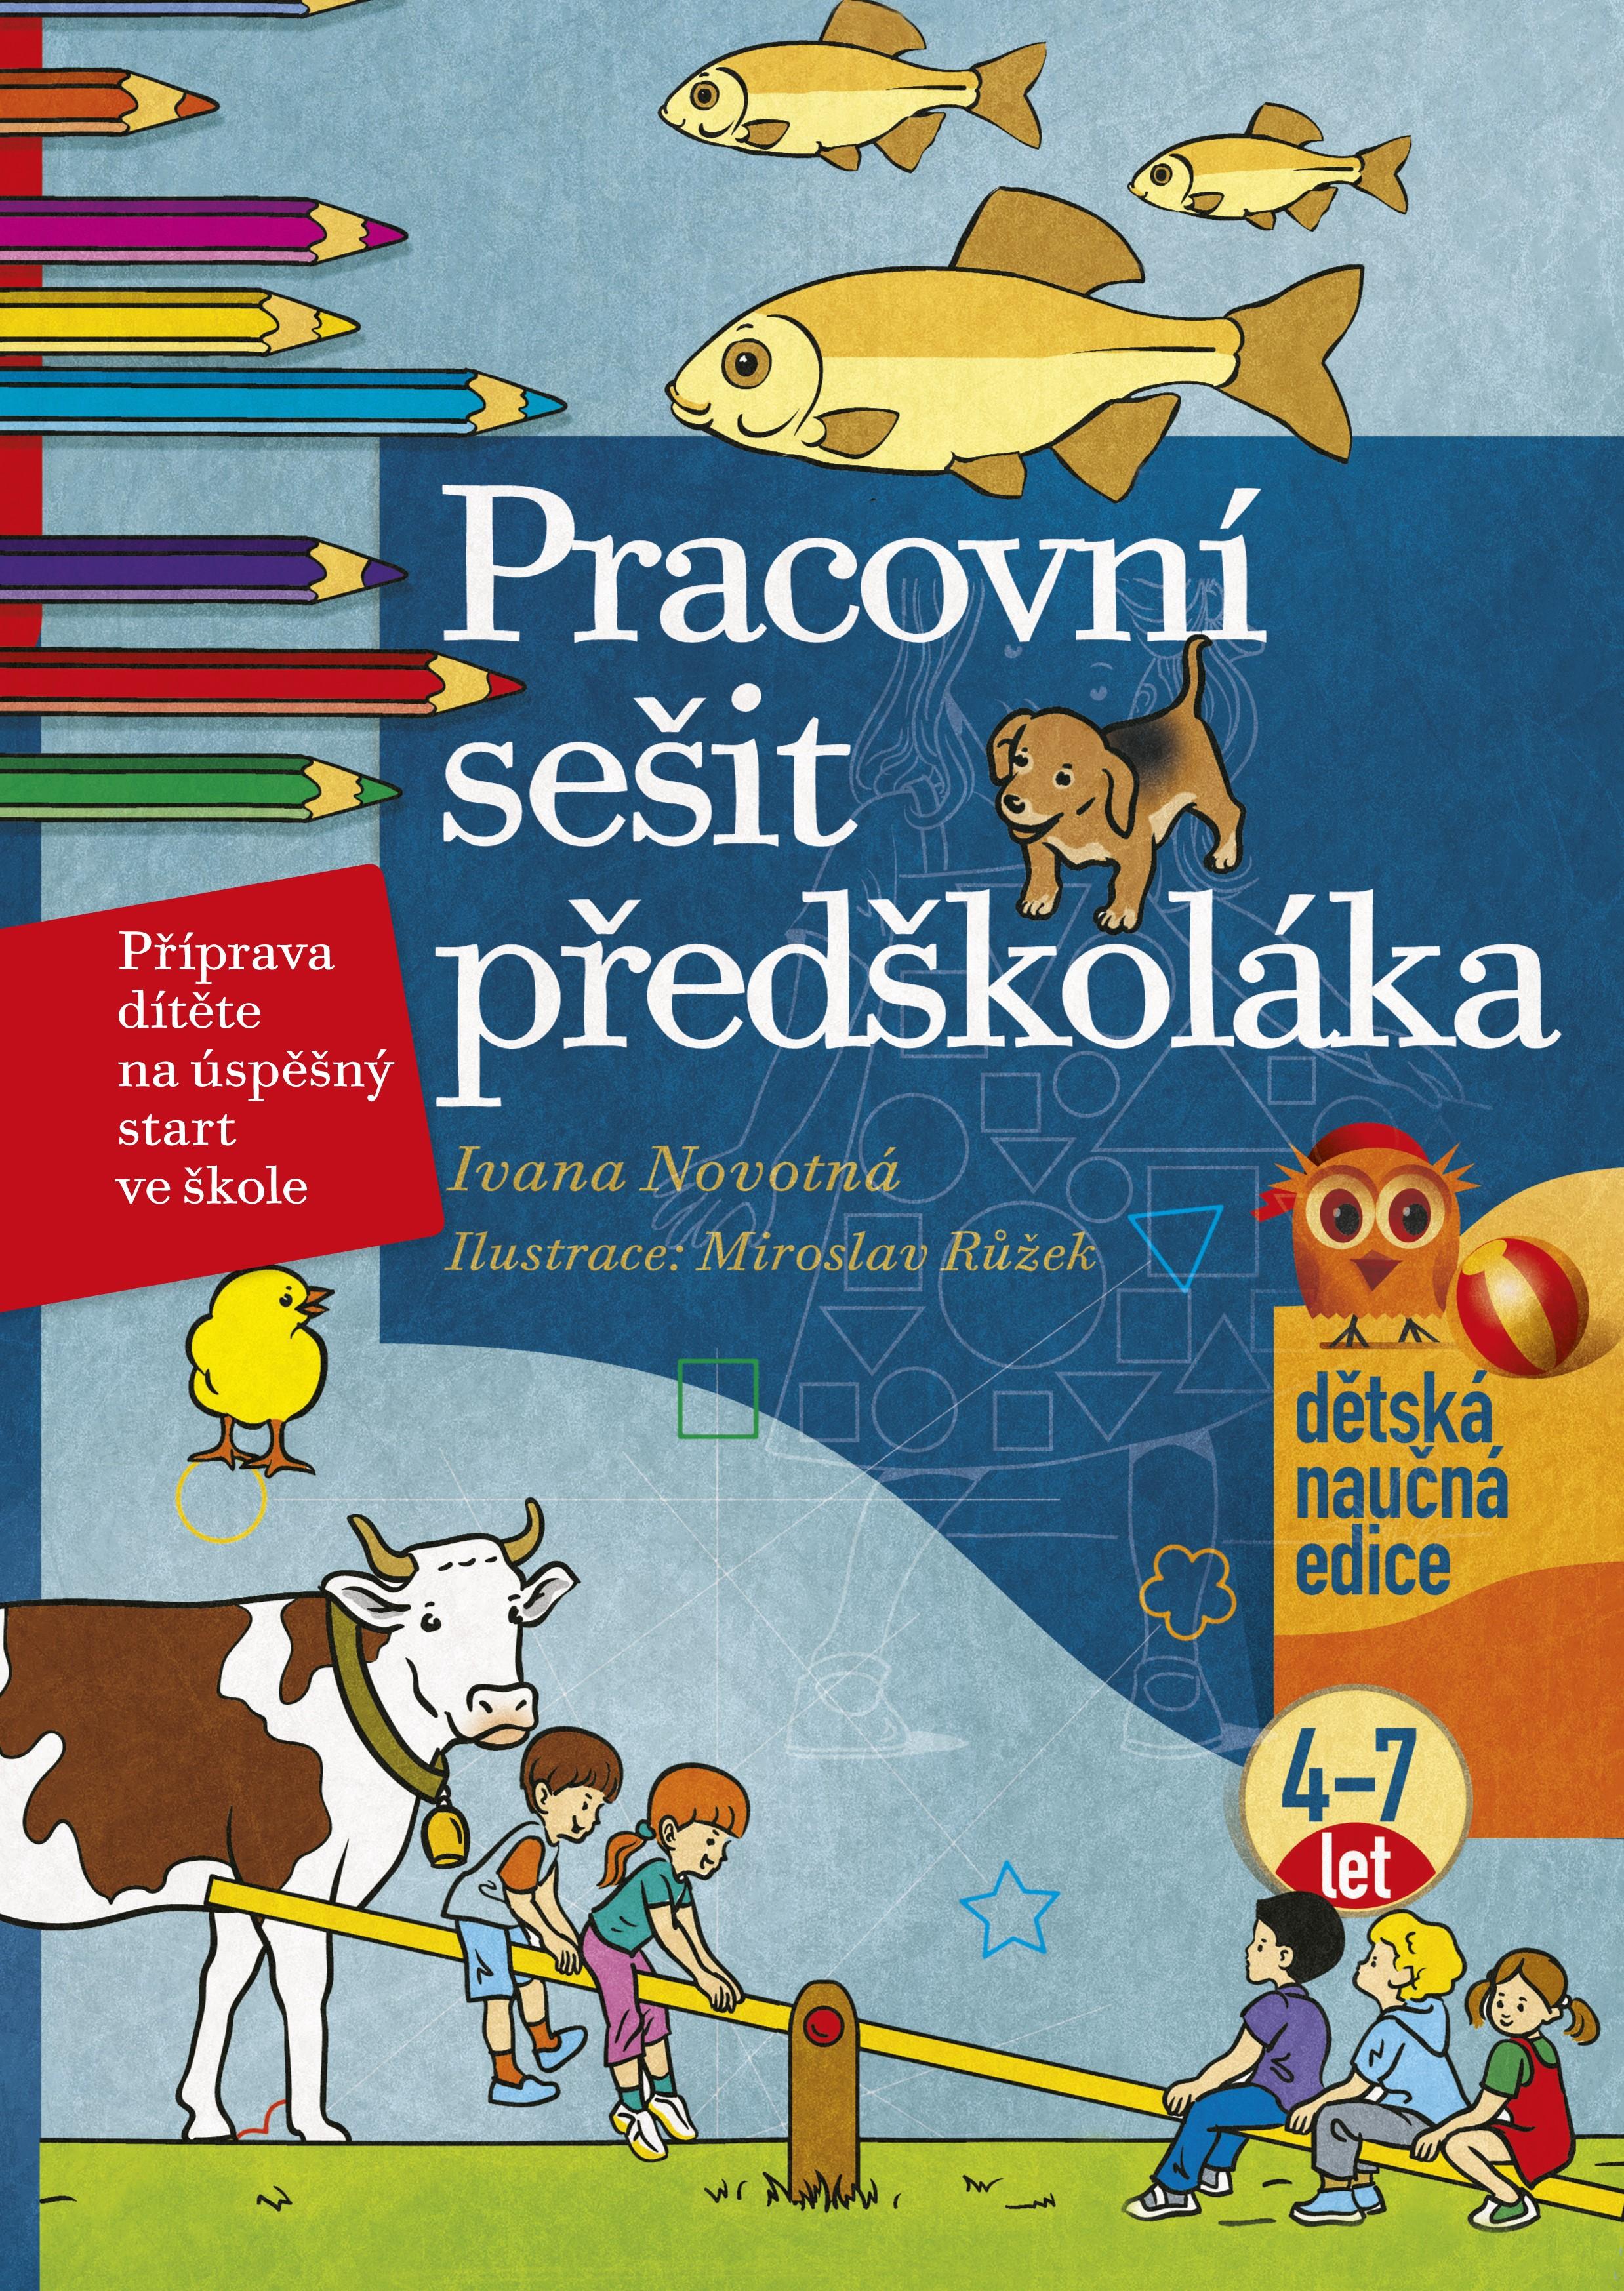 Pracovní sešit předškoláka   Ivana Novotná